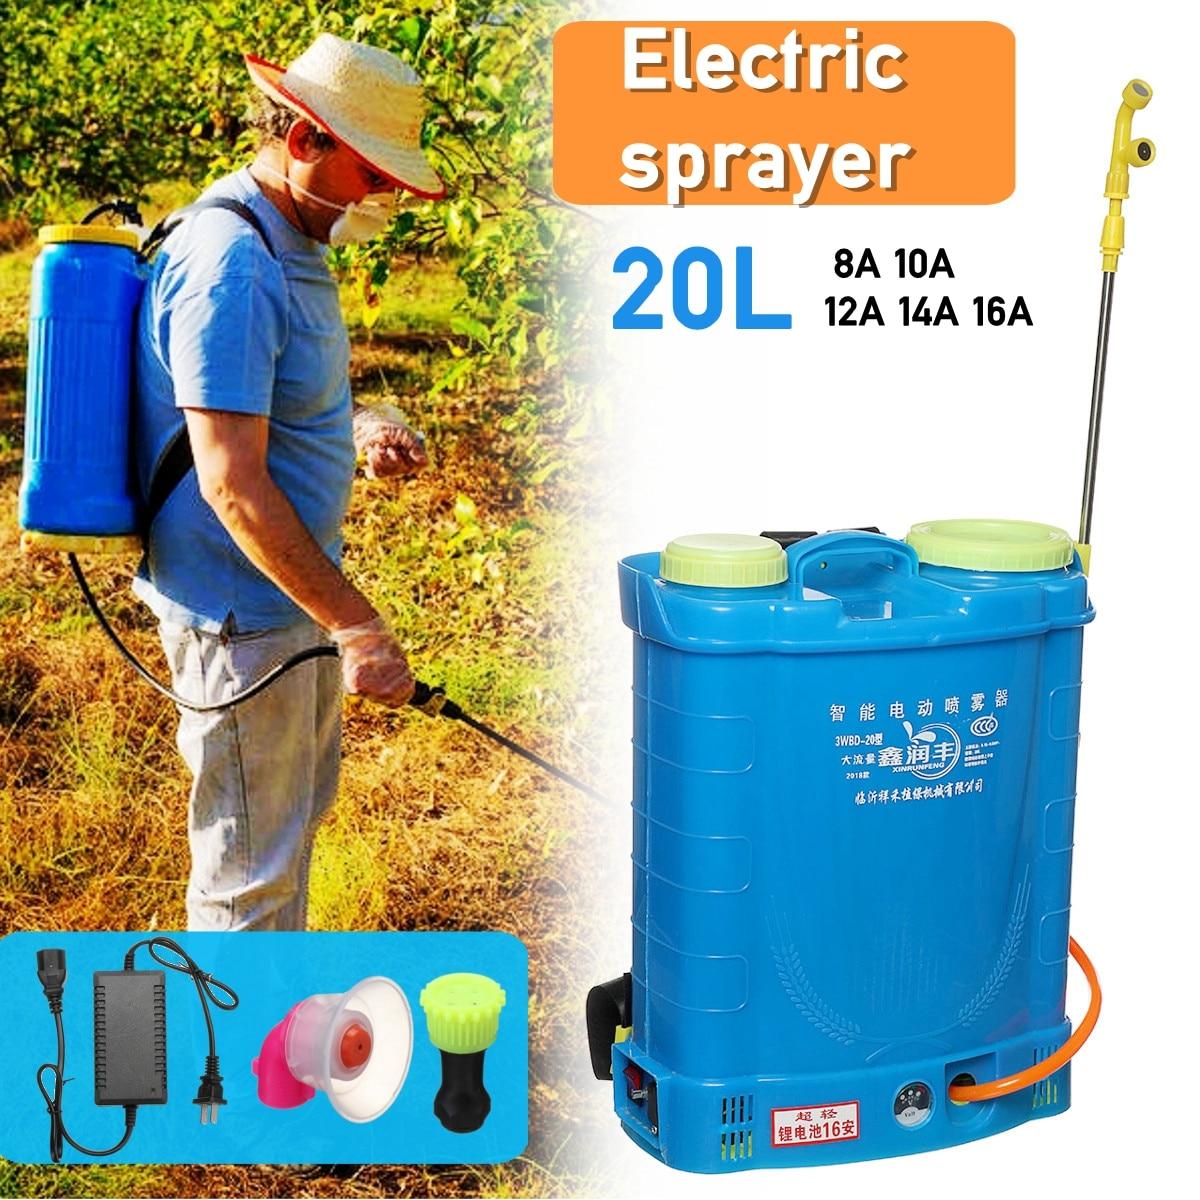 20L Intelligente Batteria Al Litio Elettrico spruzzatore Agricolo di Pesticidi distributore di carica Ad Alta pressione attrezzature Da Giardino